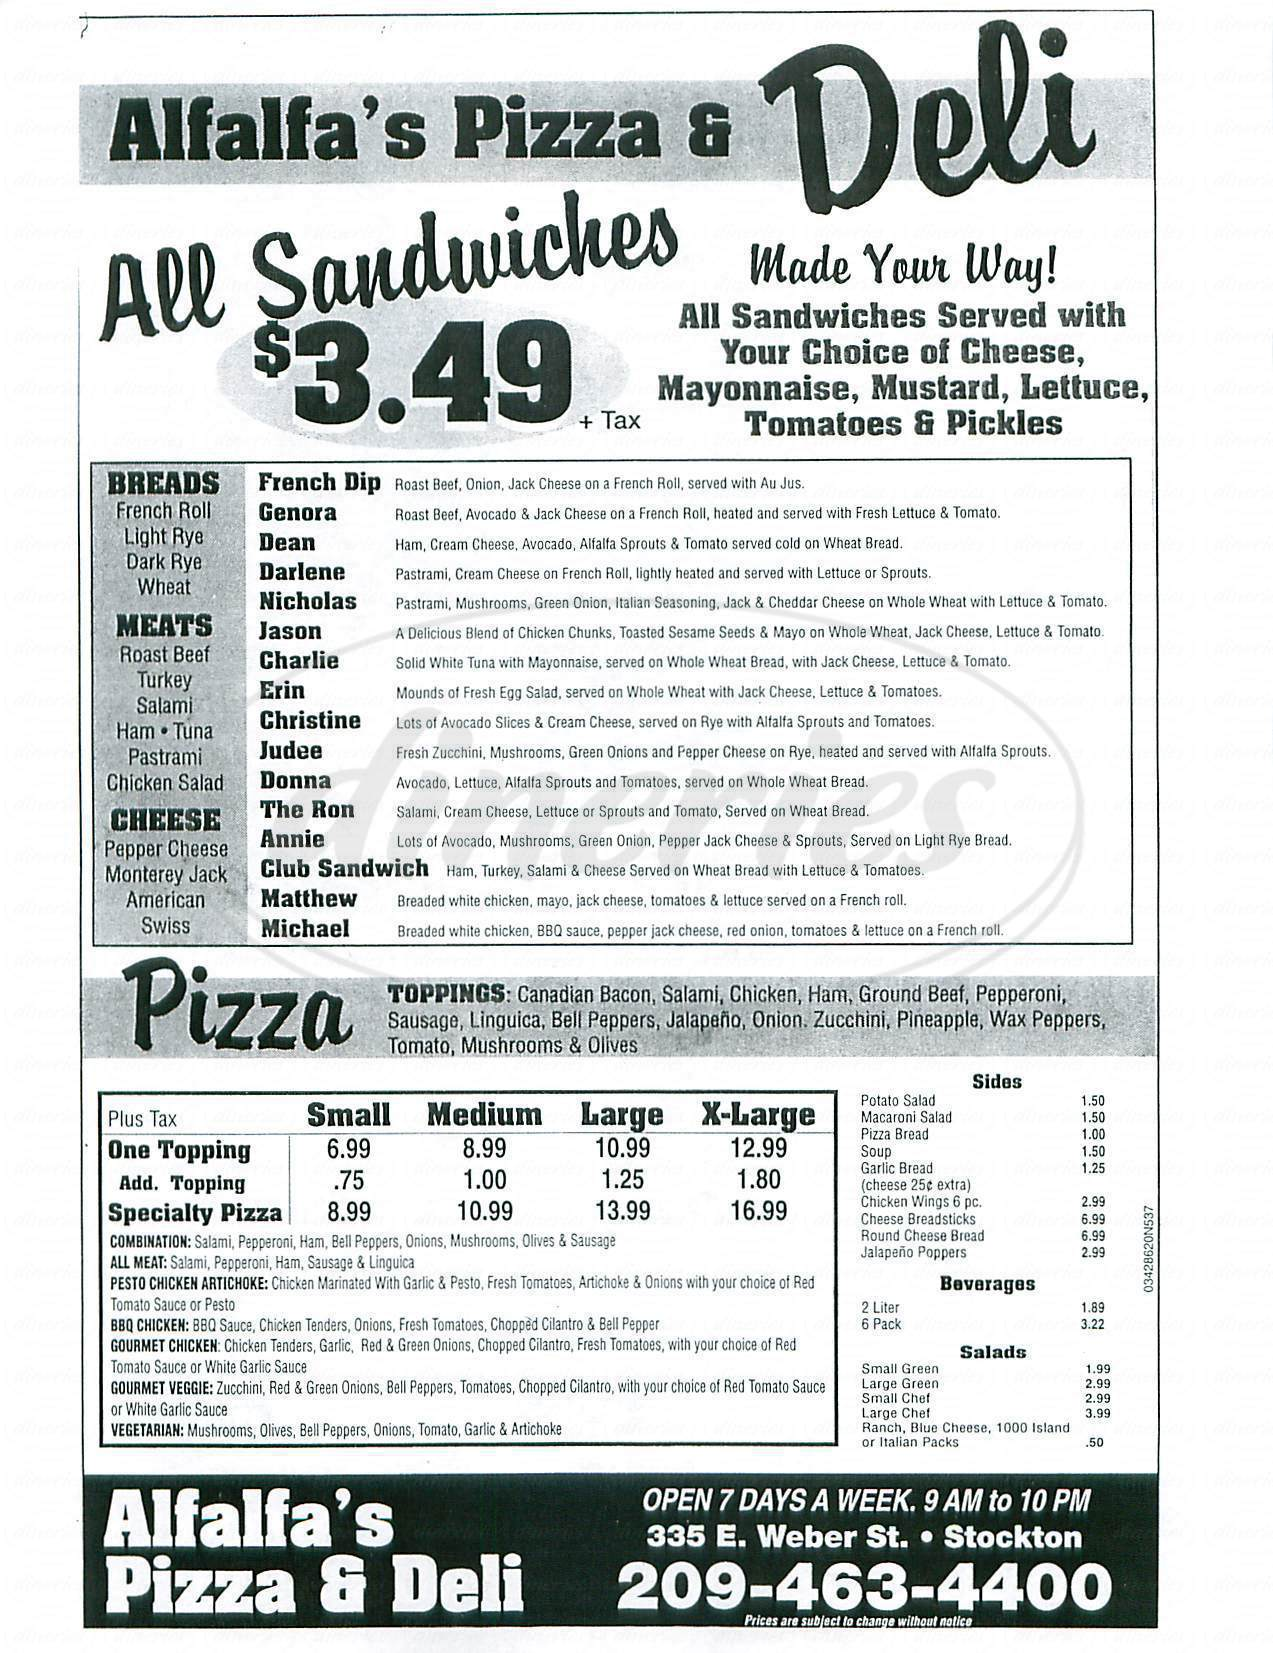 menu for Alfalfas Pizza and Deli